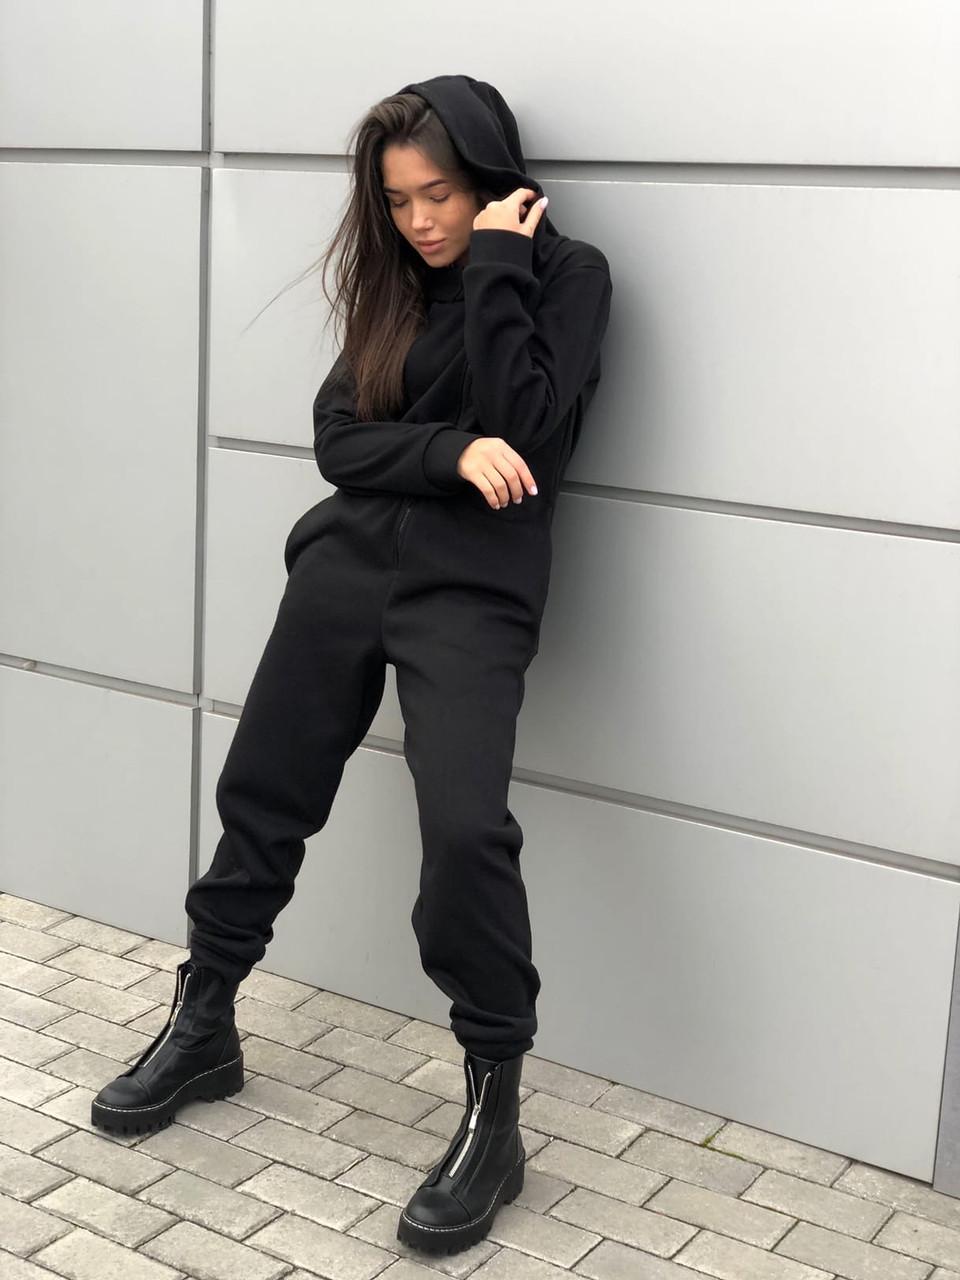 Комбинезон женский зимний на флисе чёрный